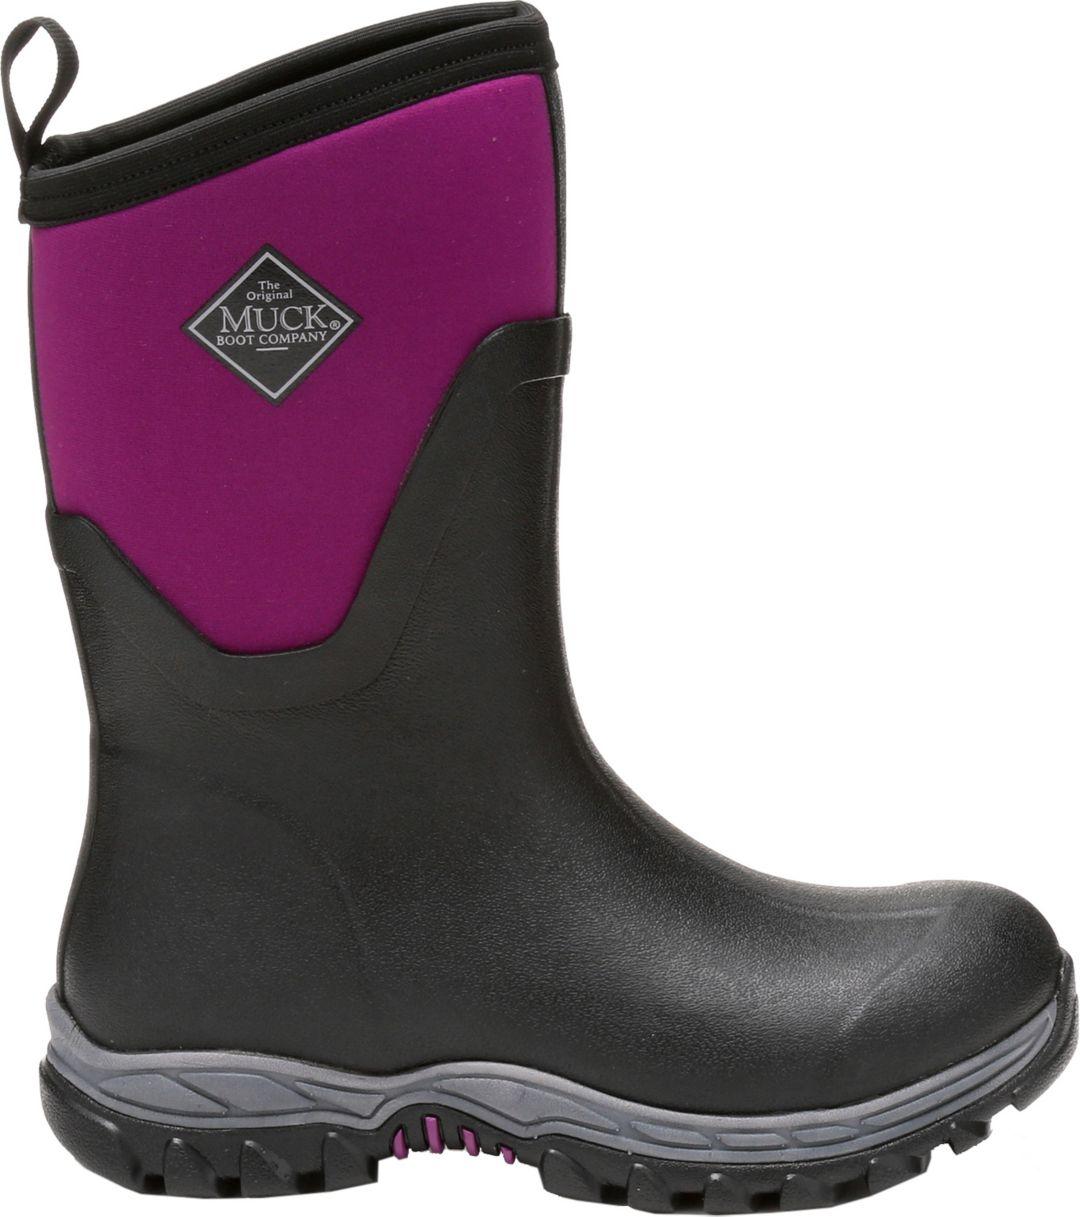 06d9c1e71d4e8 Muck Boots Women's Arctic Sport II Mid Winter Boots. noImageFound. Previous